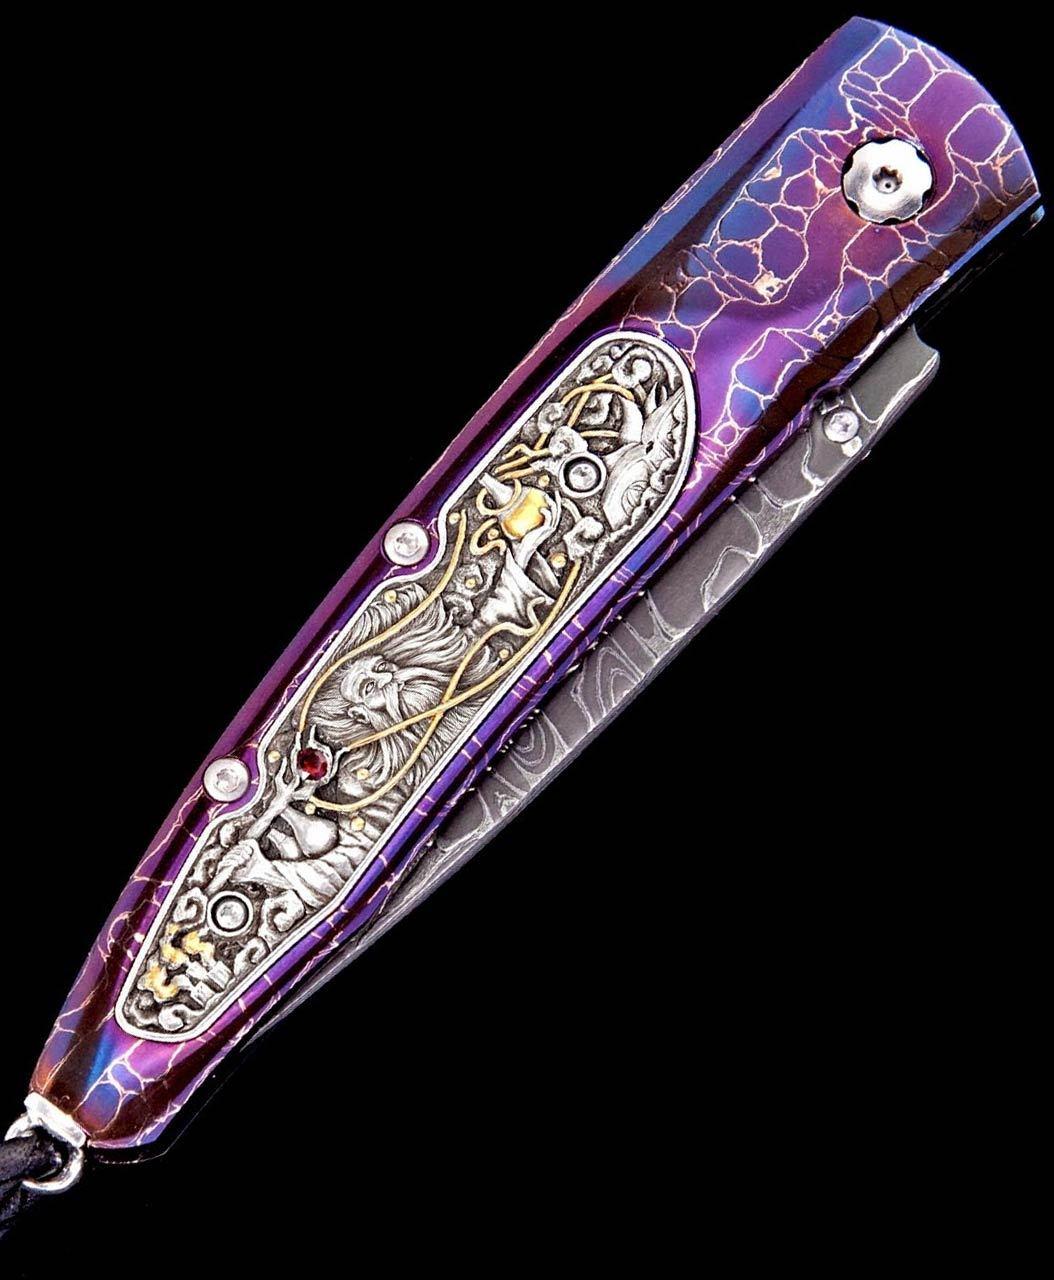 William Henry Lancet Alchemist Pocket Knife One-of-a-Kind